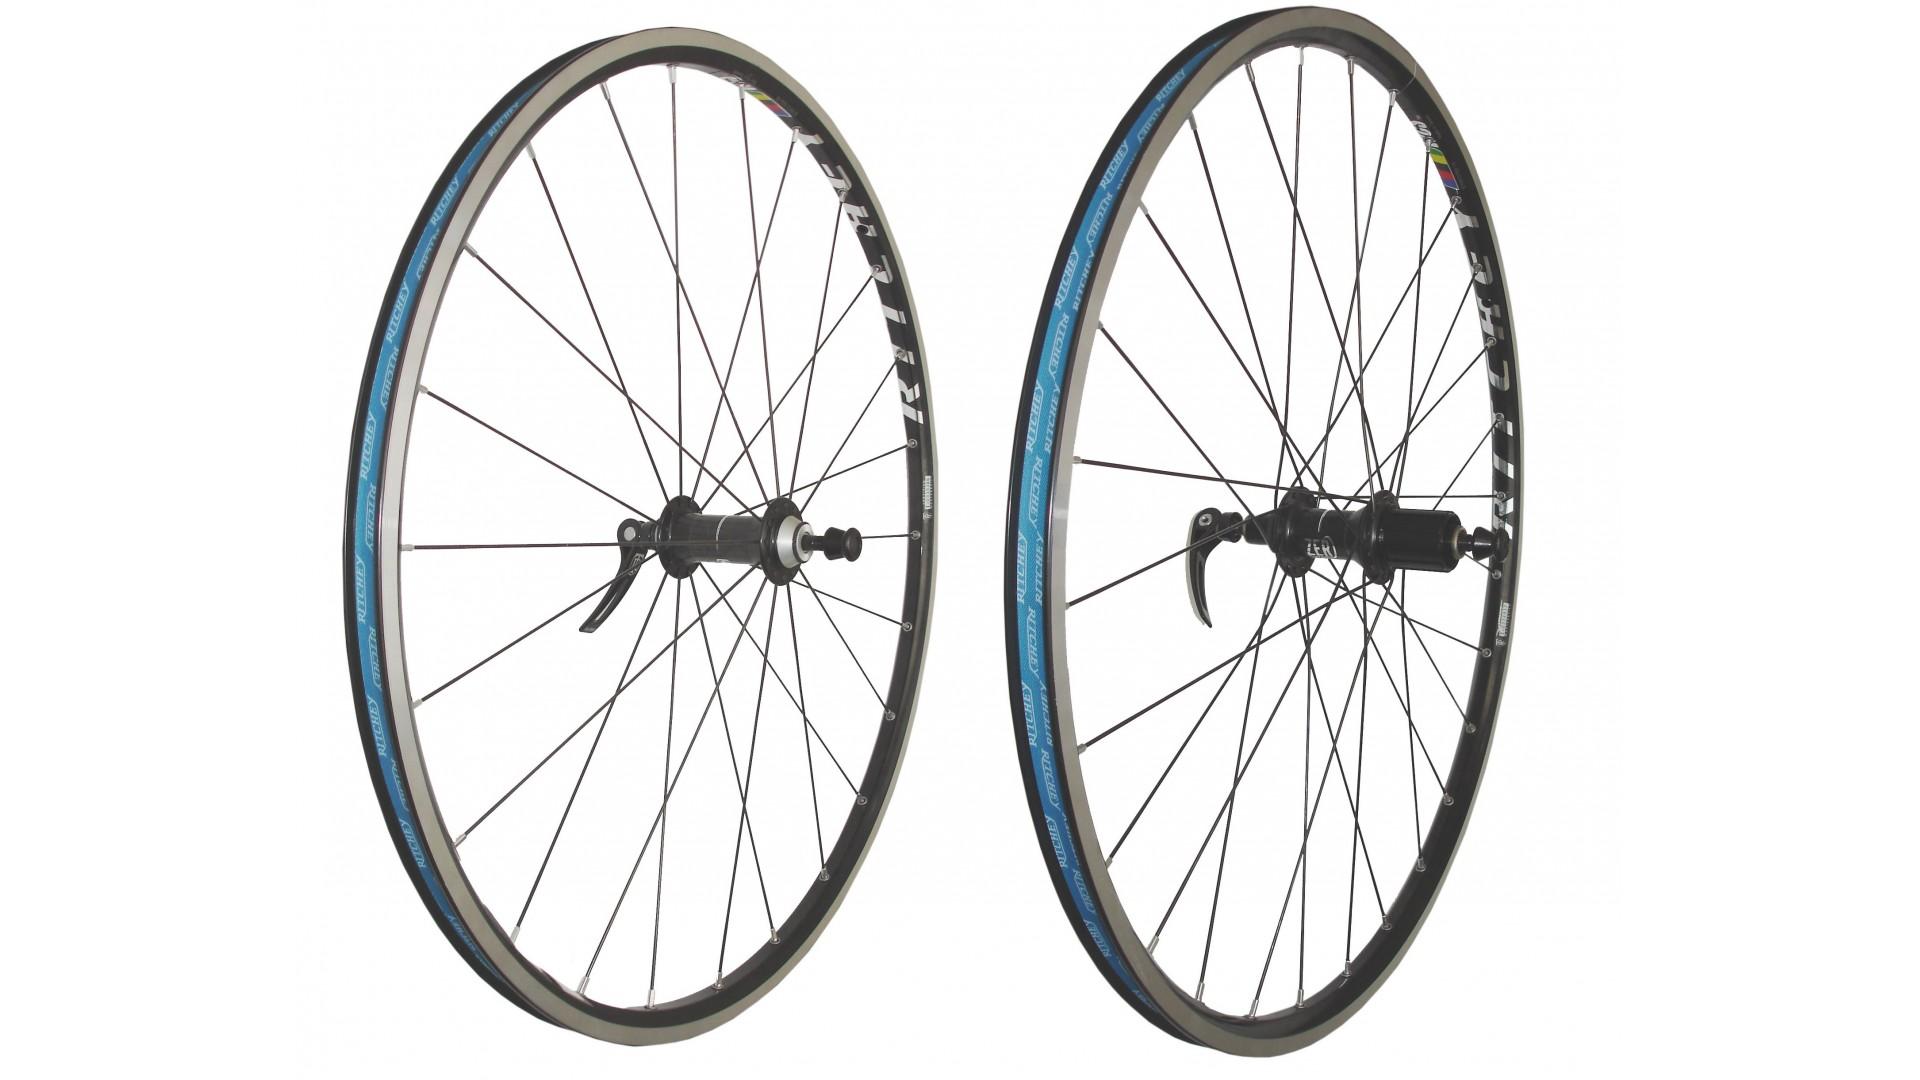 Комплект колес MTB под V-brake Ritchey WCS XC LTD black 26